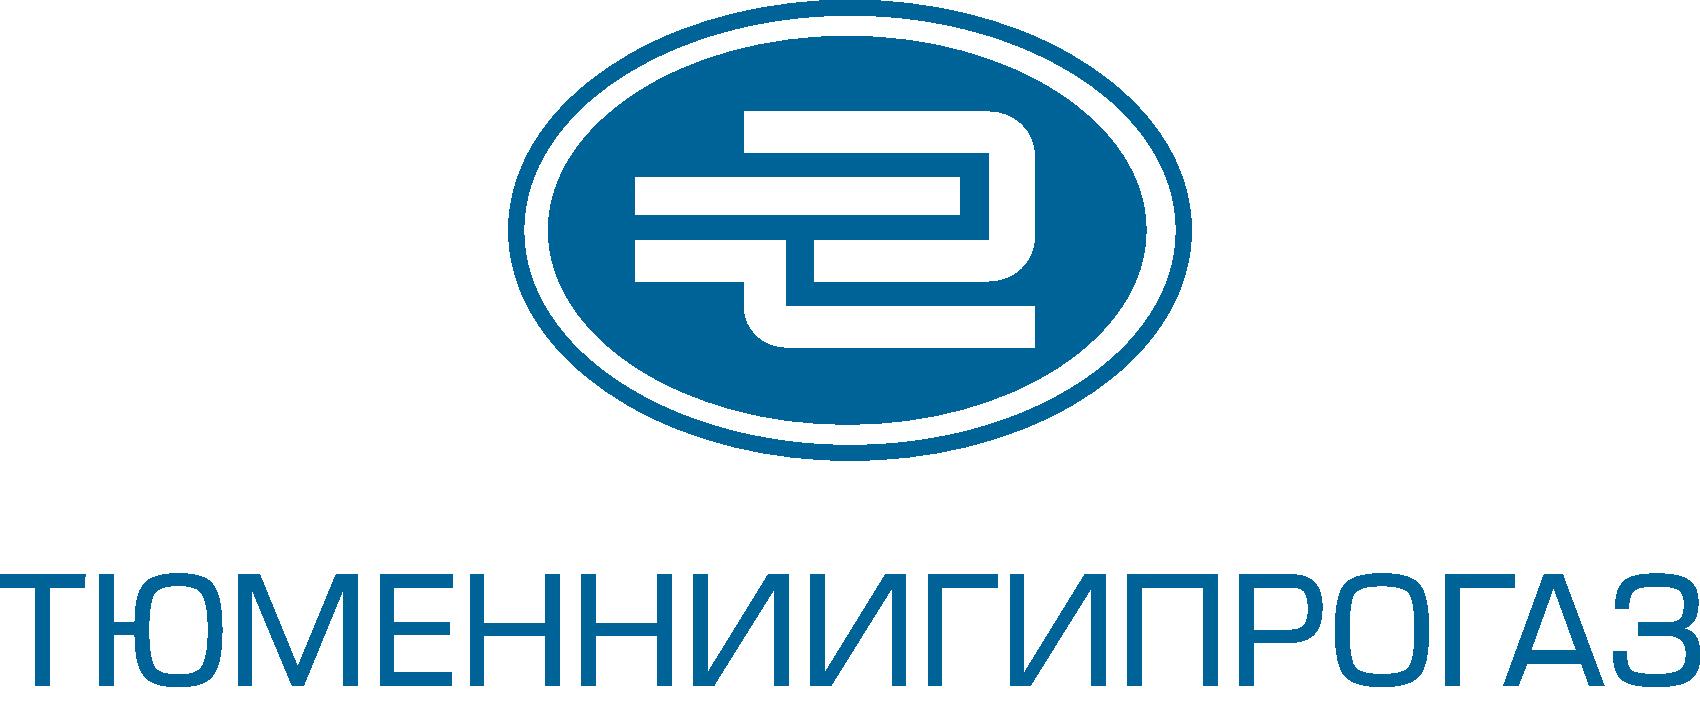 Экспериментальный завод ООО «ТюменНИИгипрогаз» — Википедия